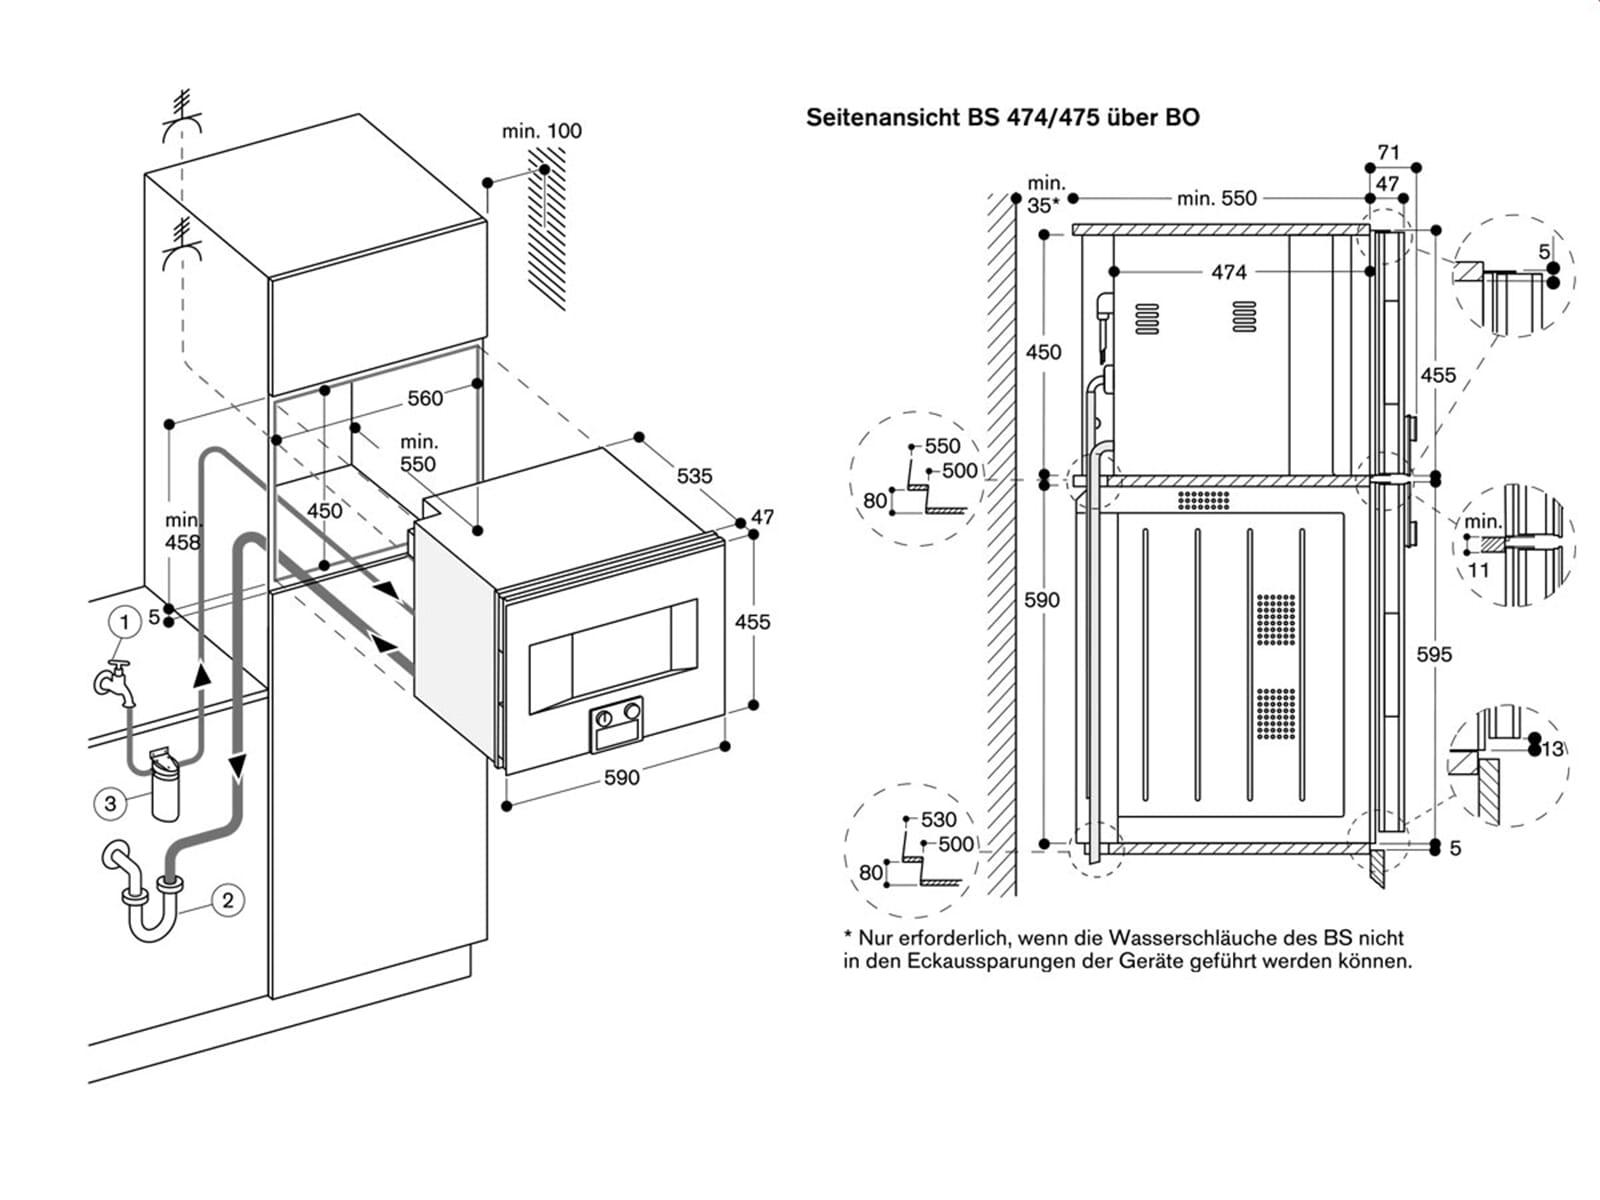 Gaggenau BS 475 111 Dampfbackofen Serie 400 Edelstahl/Glas